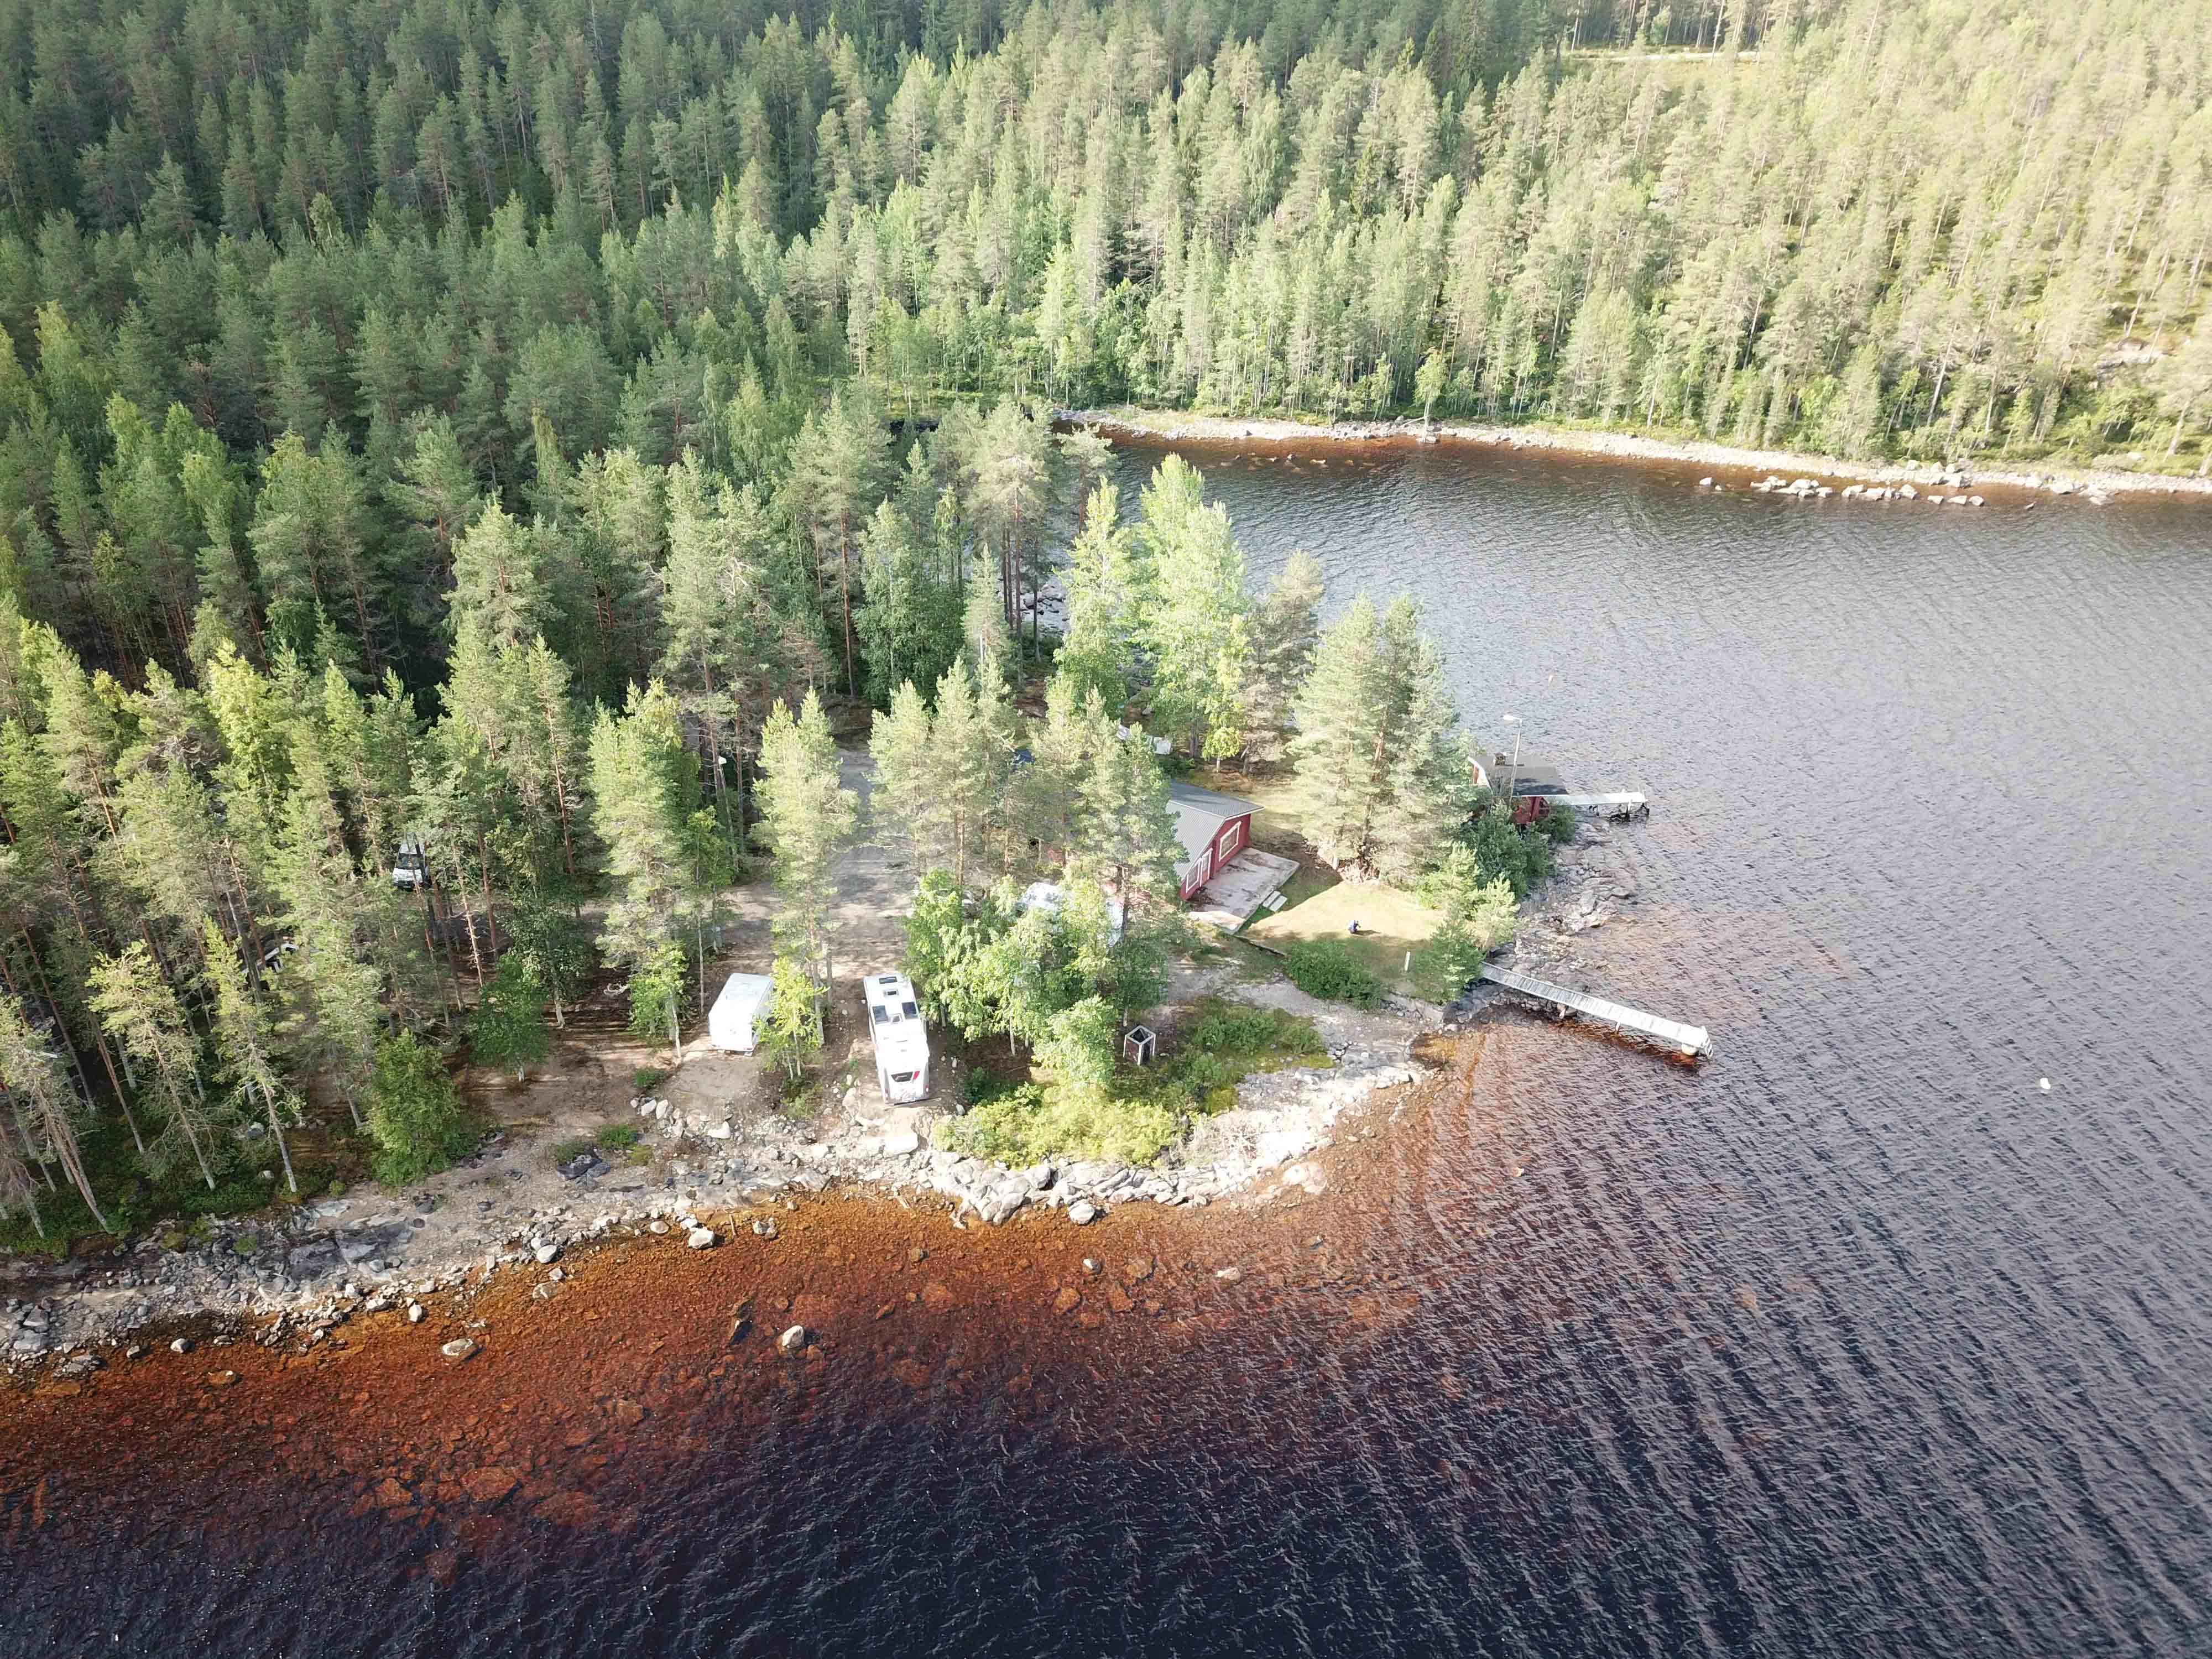 Kiantajärven_Leirintä_Oy02